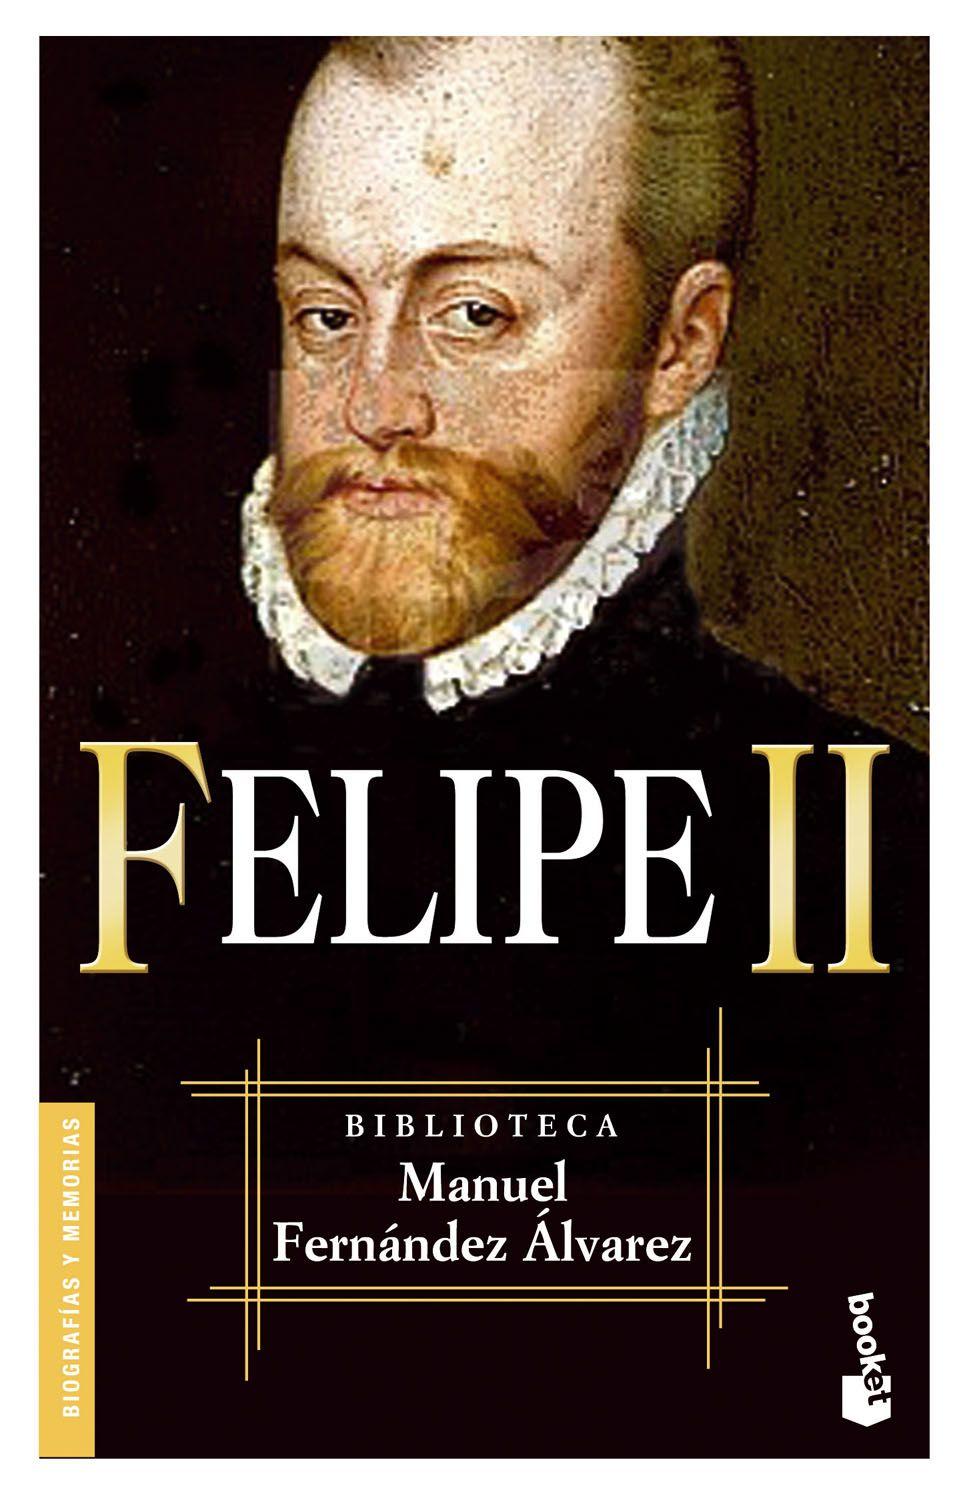 Felipe Ii por Manuel Fernandez Alvarez epub